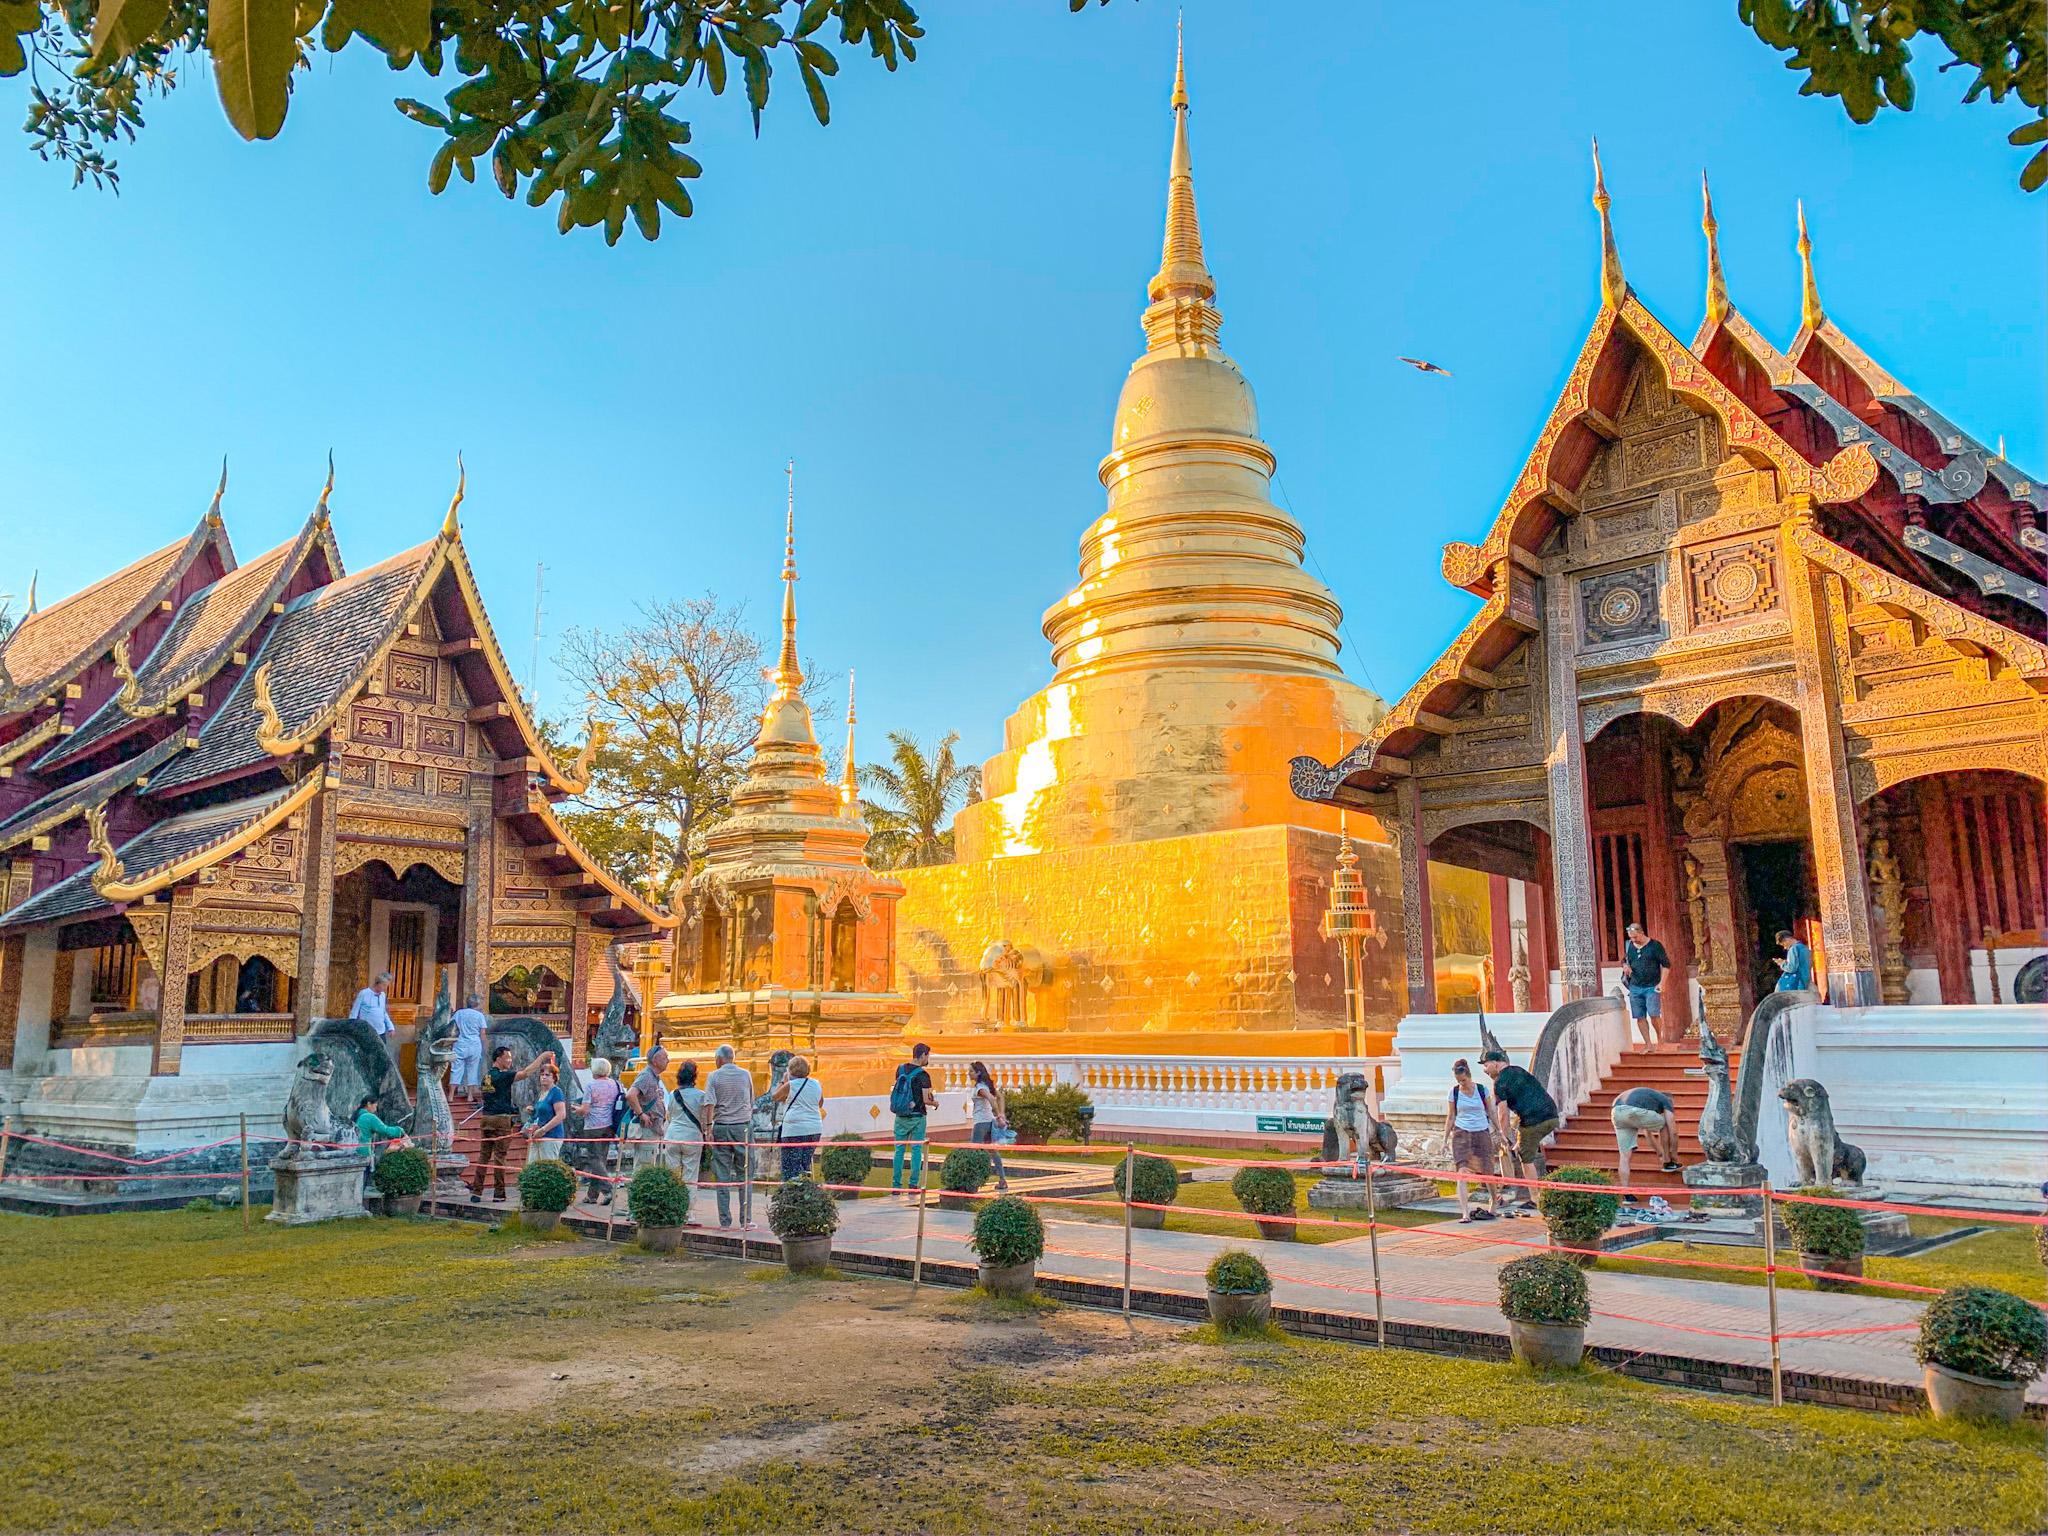 Chiang Mai cosa vedere. Itinerario di 4 giorni